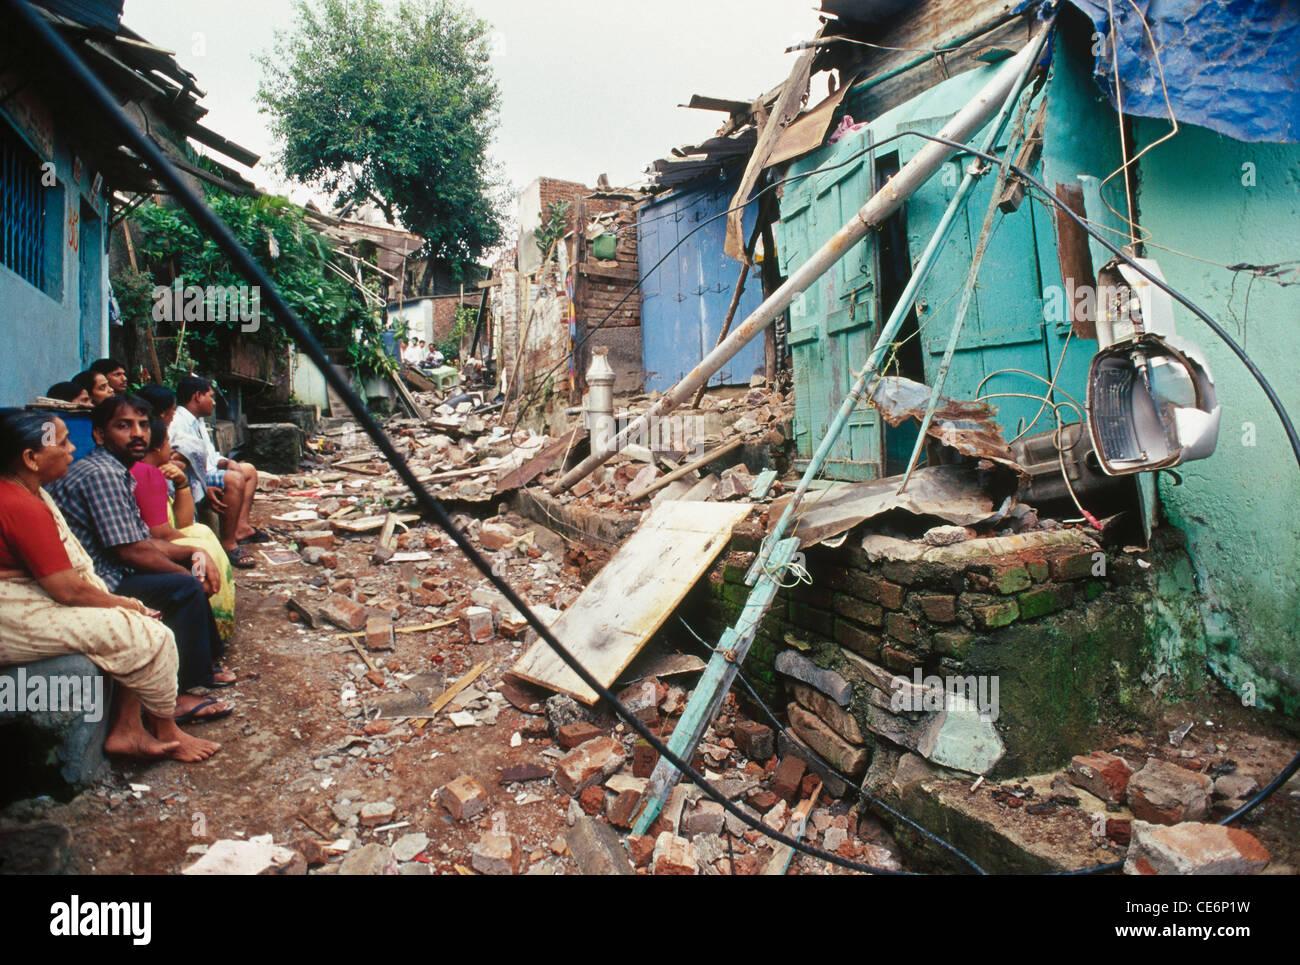 illegal slums demolished mumbai india - Stock Image